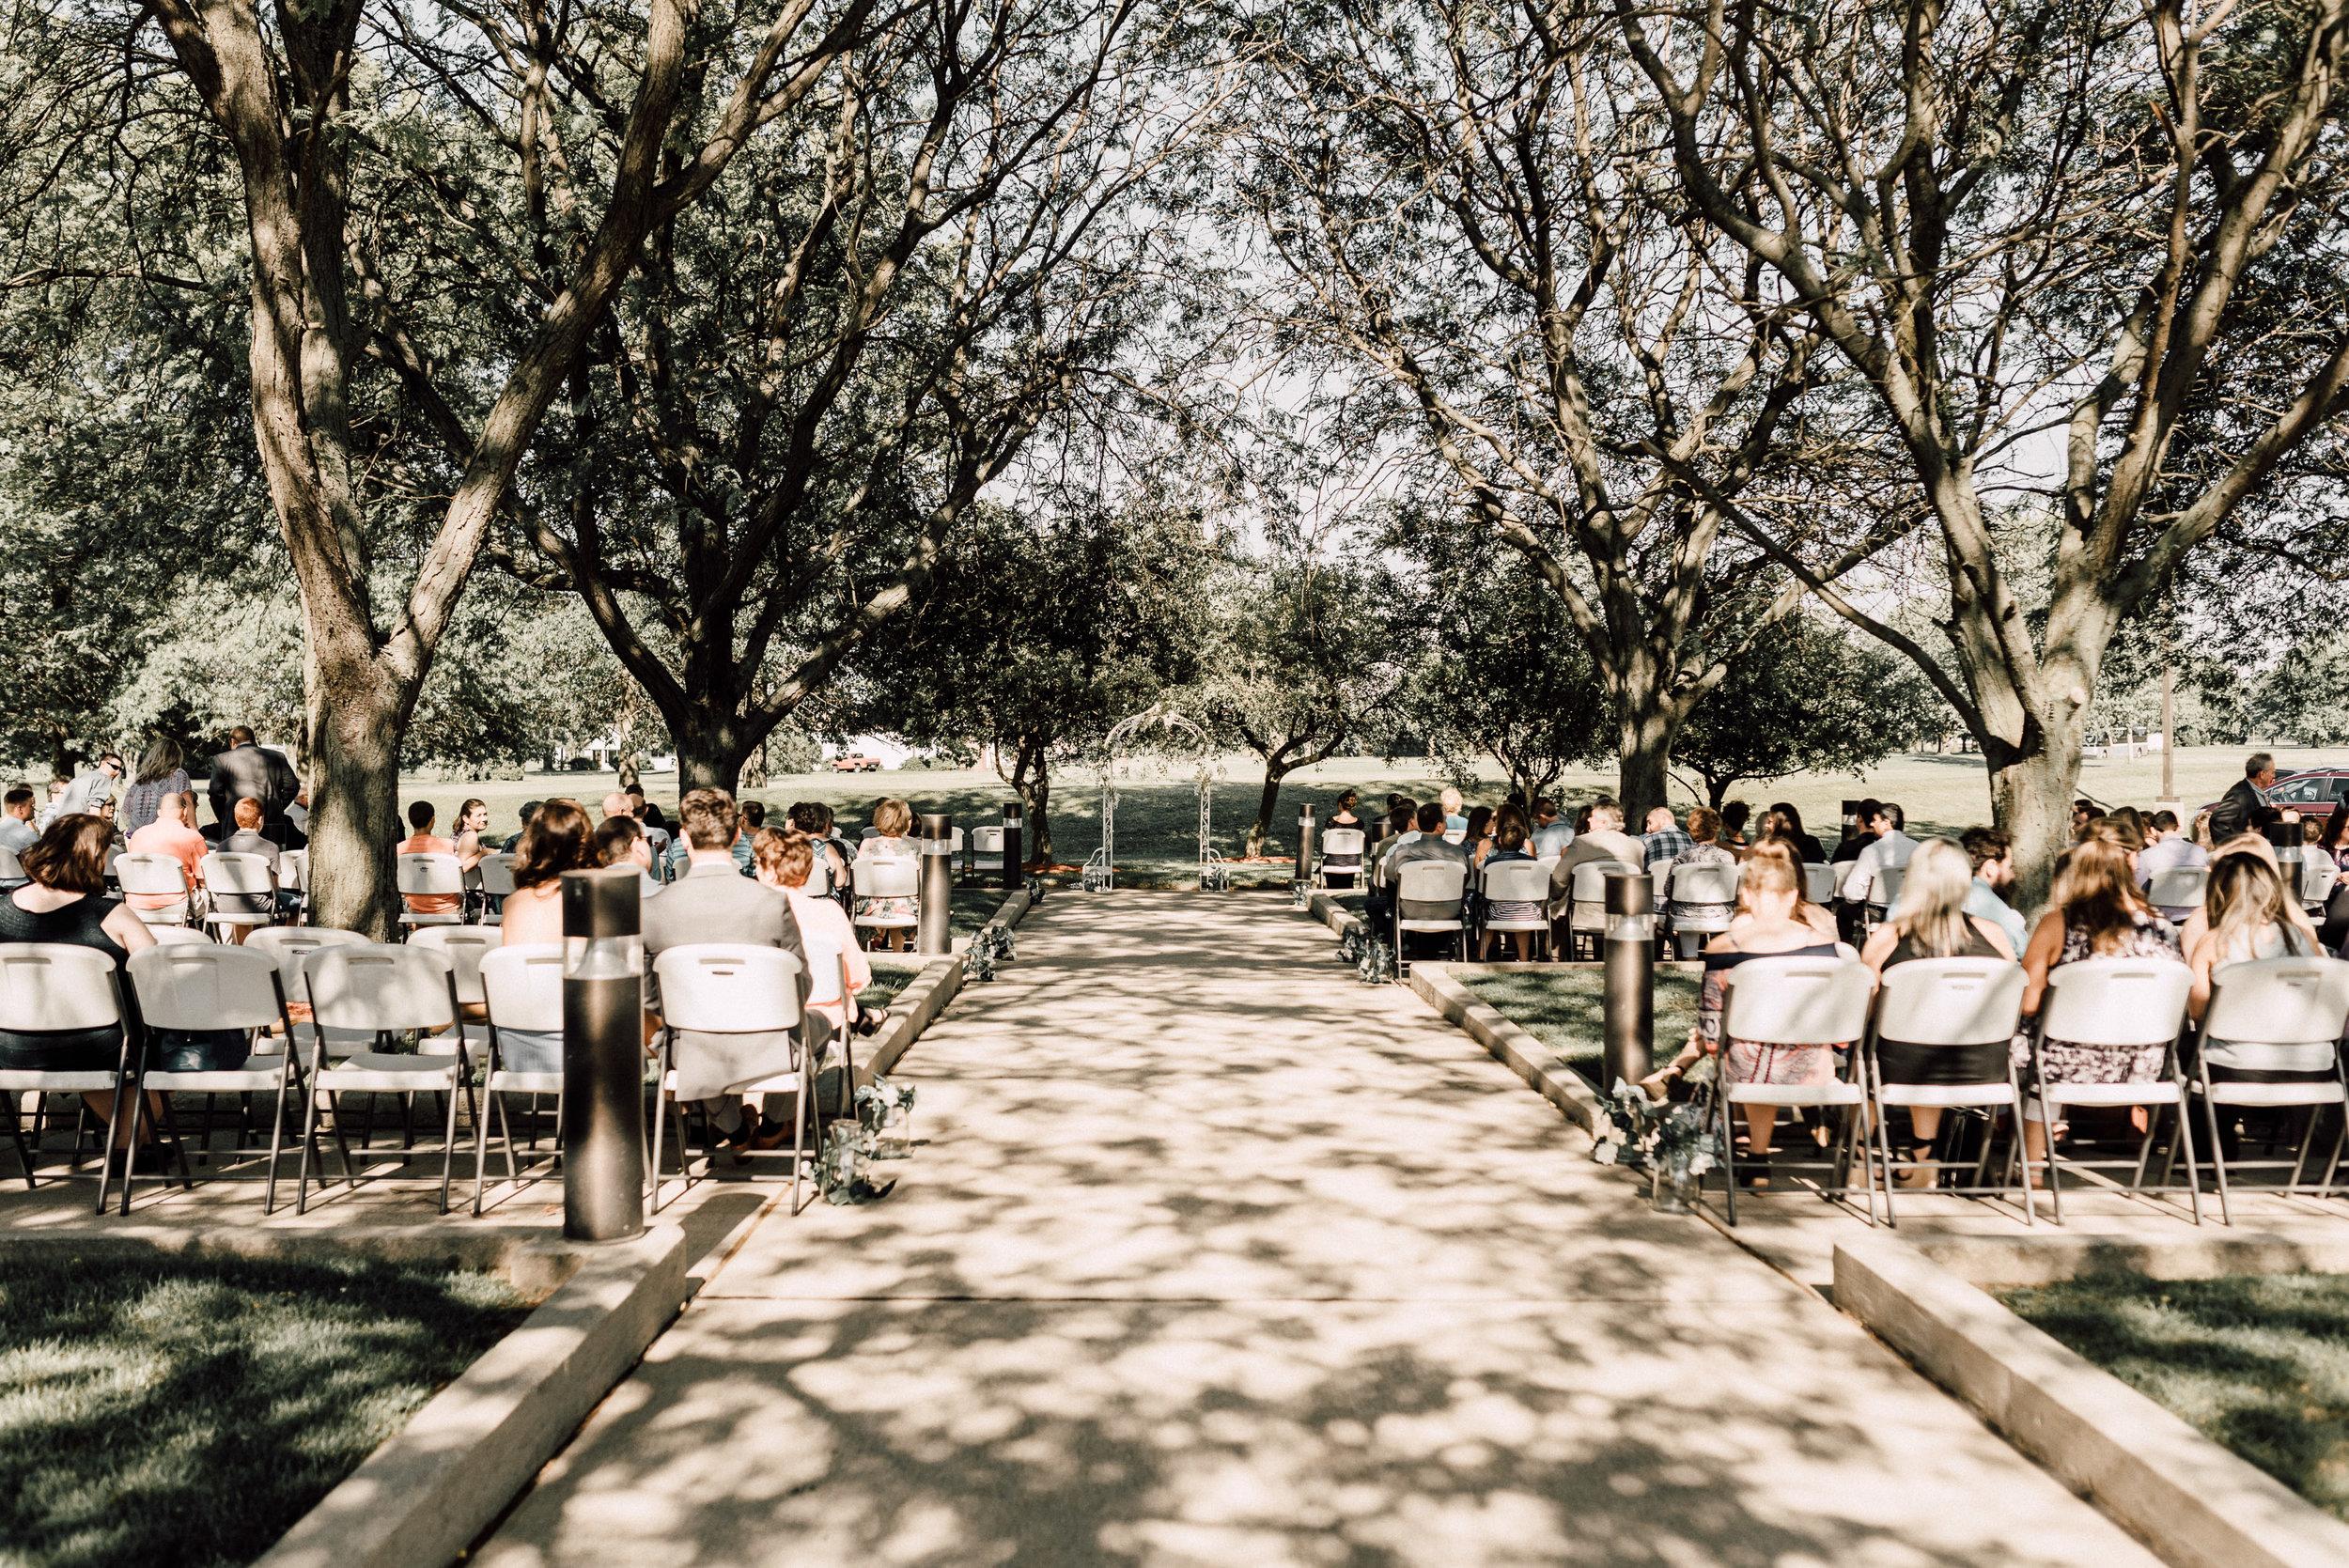 wedding venue, ceremony venue ideas for weddings, outdoor wedding ideas